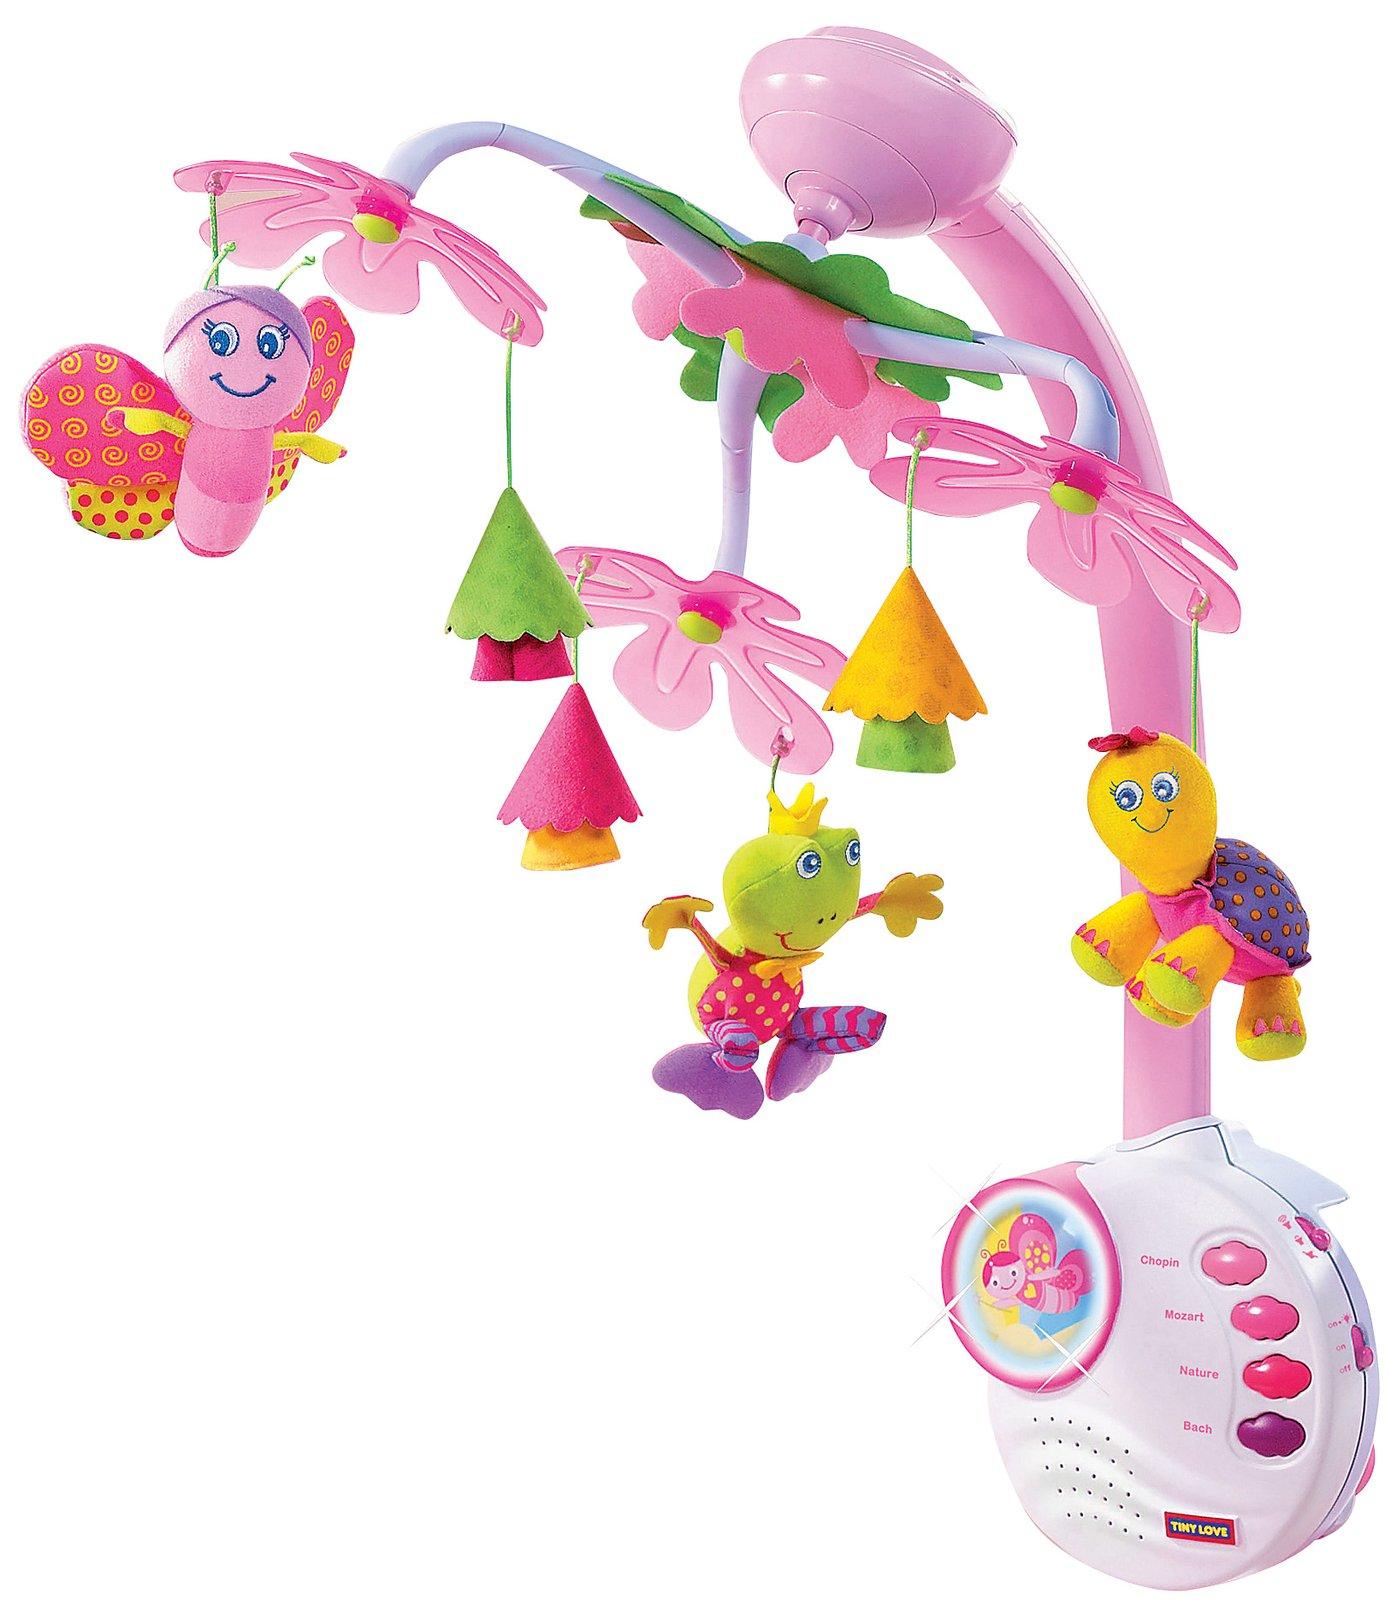 Tiny princess mobile gift ideas for Princess crib mobile